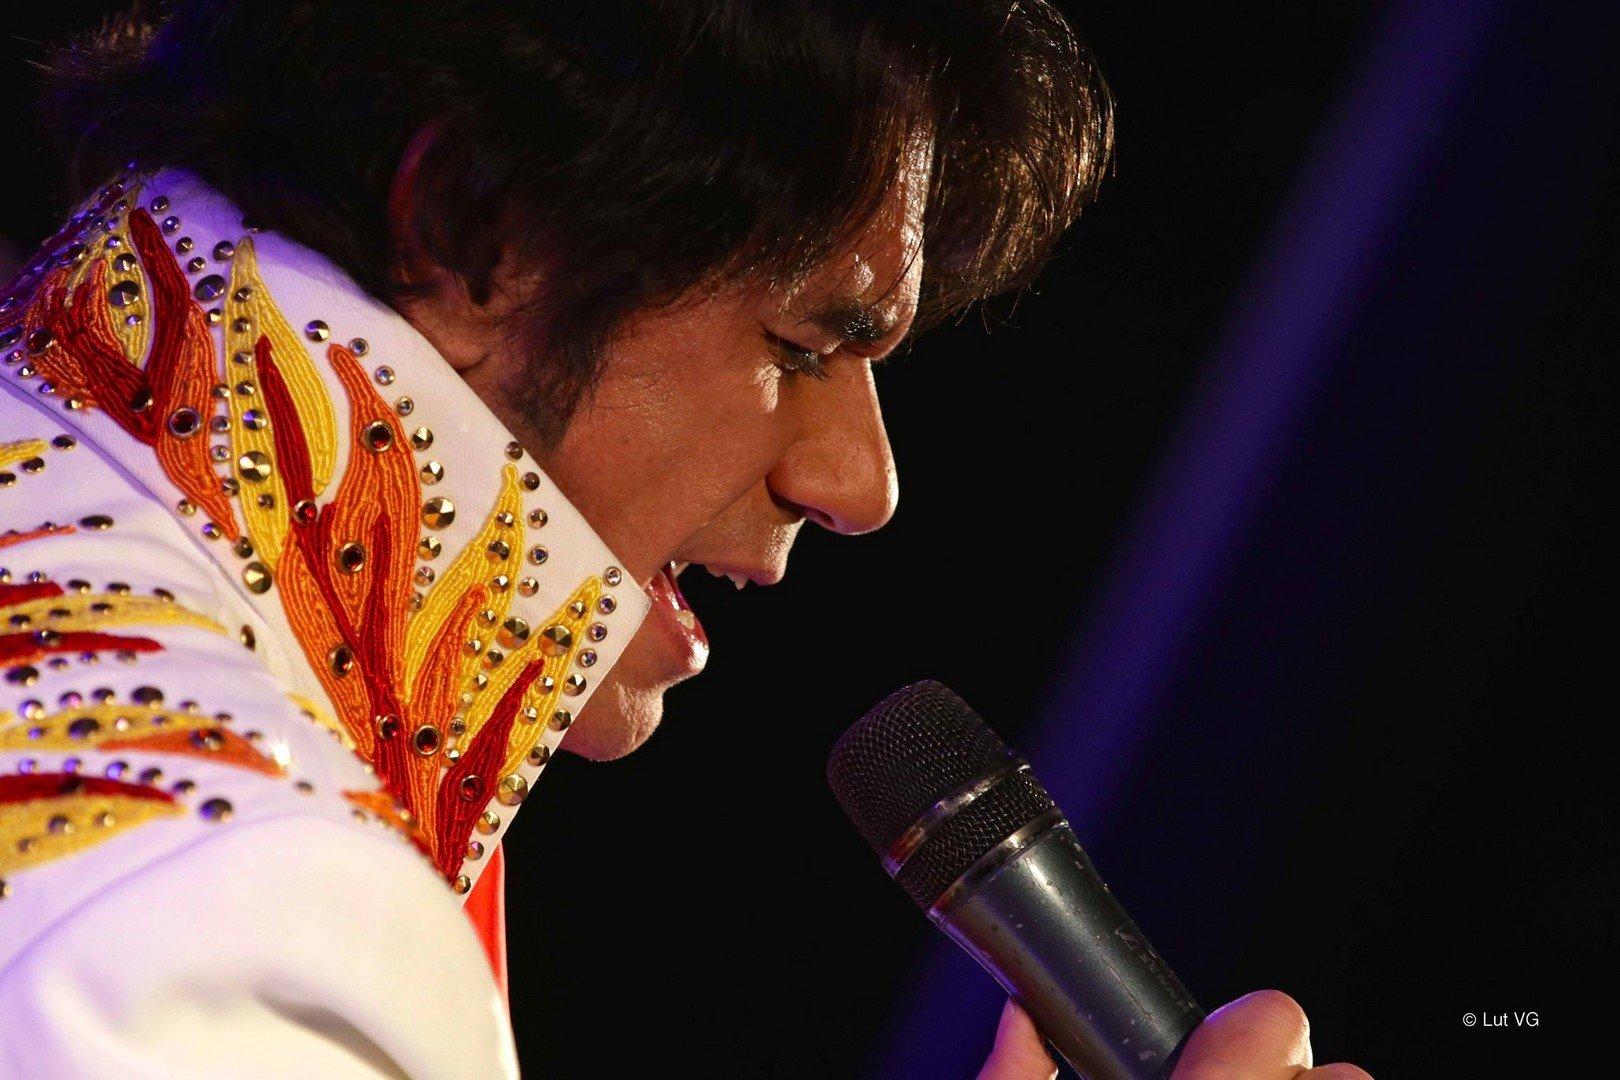 Steve Ryckier viert 50j Elvis in Las Vegas met optreden en Memphisreis - Stev Ryckier 1